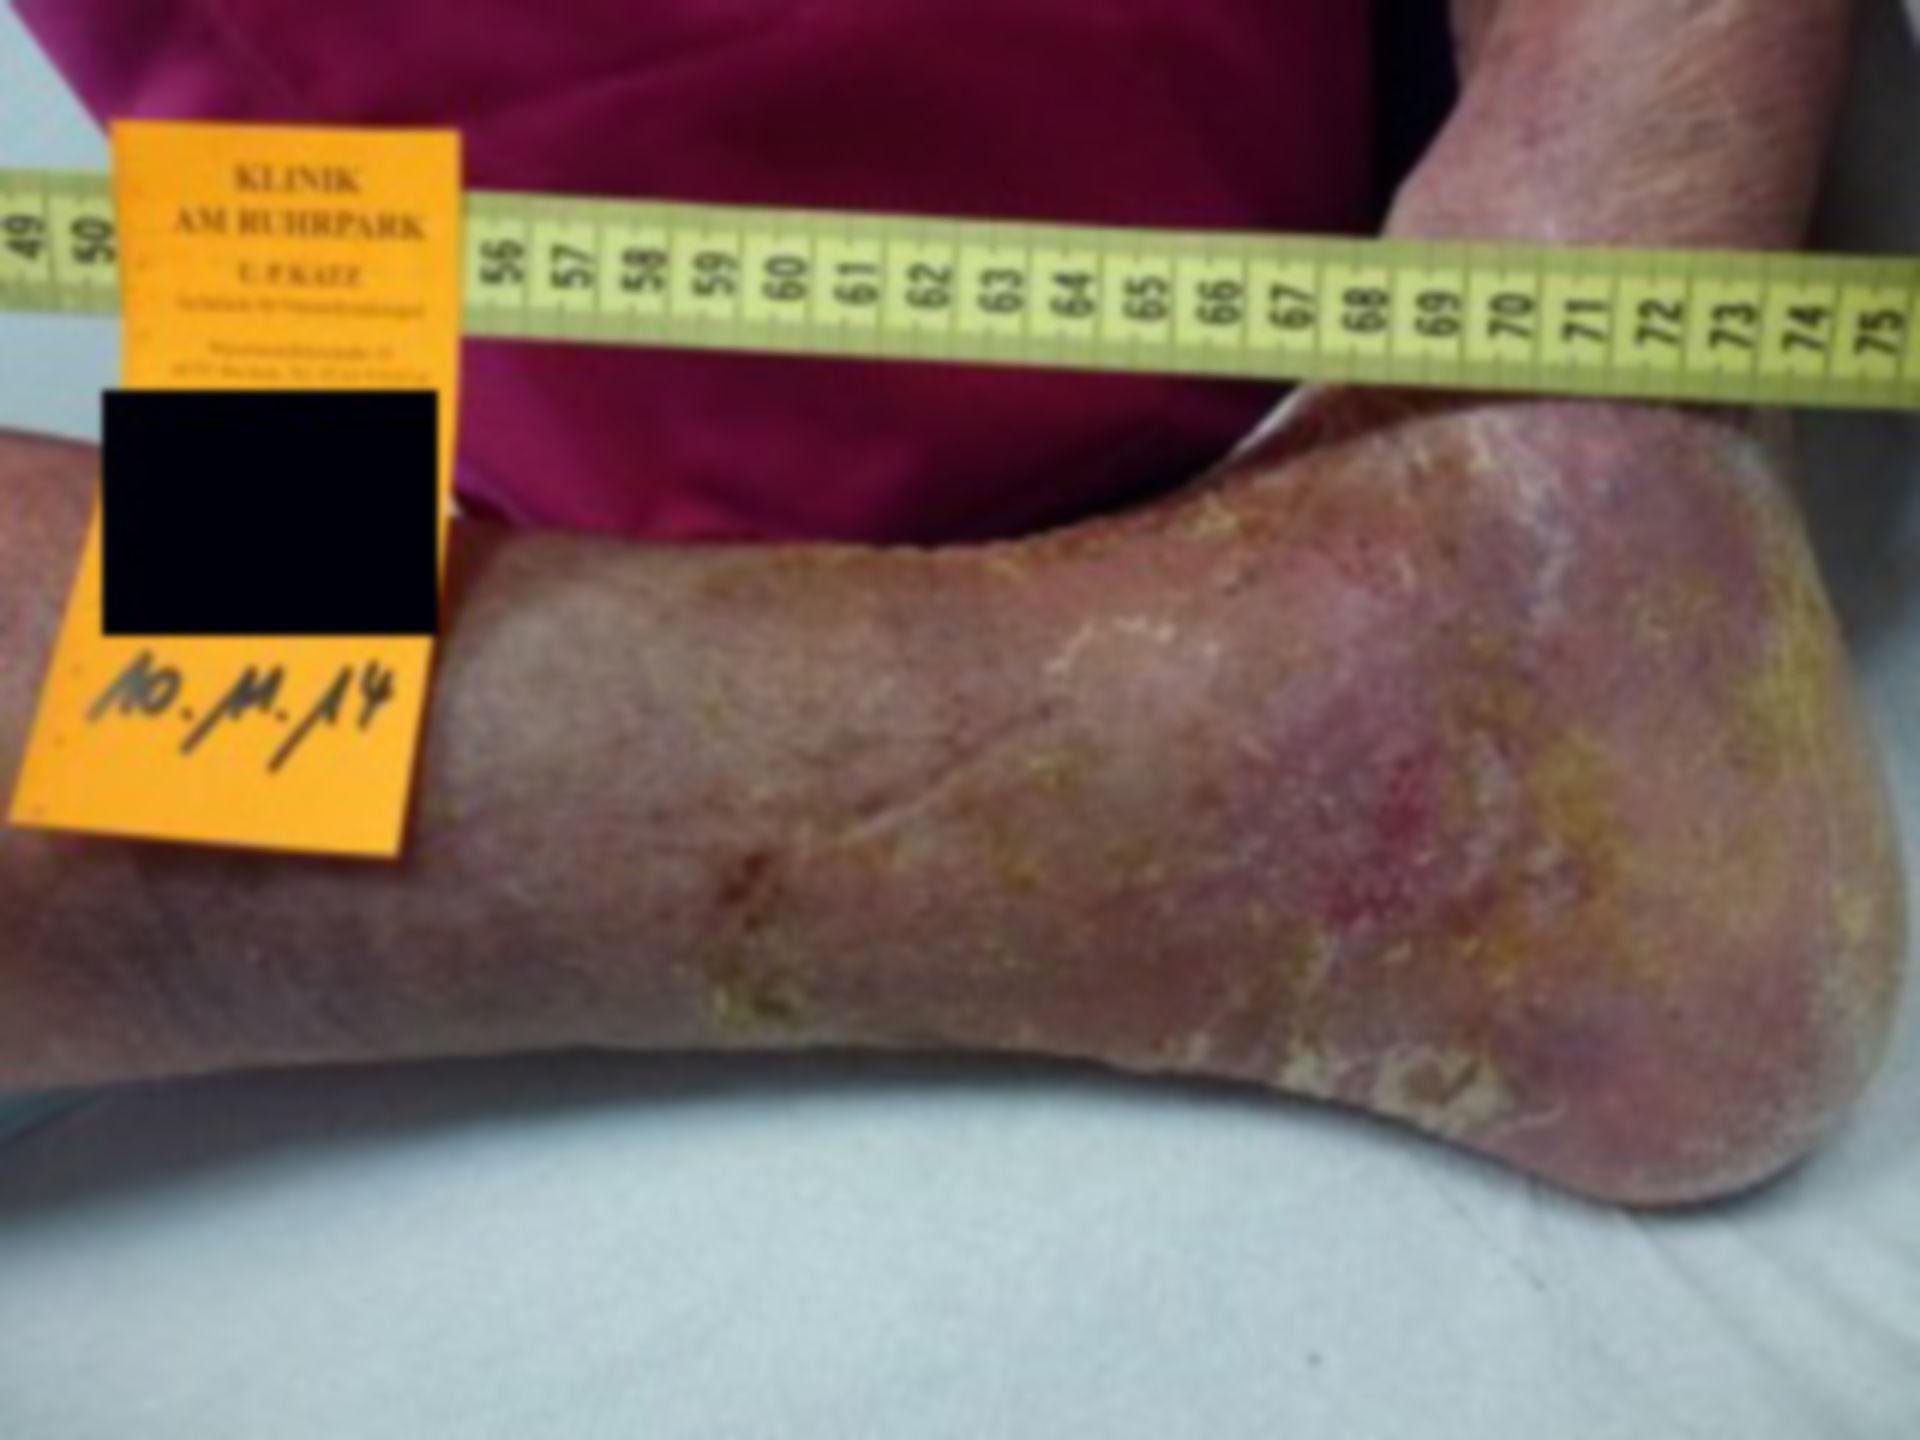 Úlcera de la pierna - Cerrada dentro de 72 horas (12)